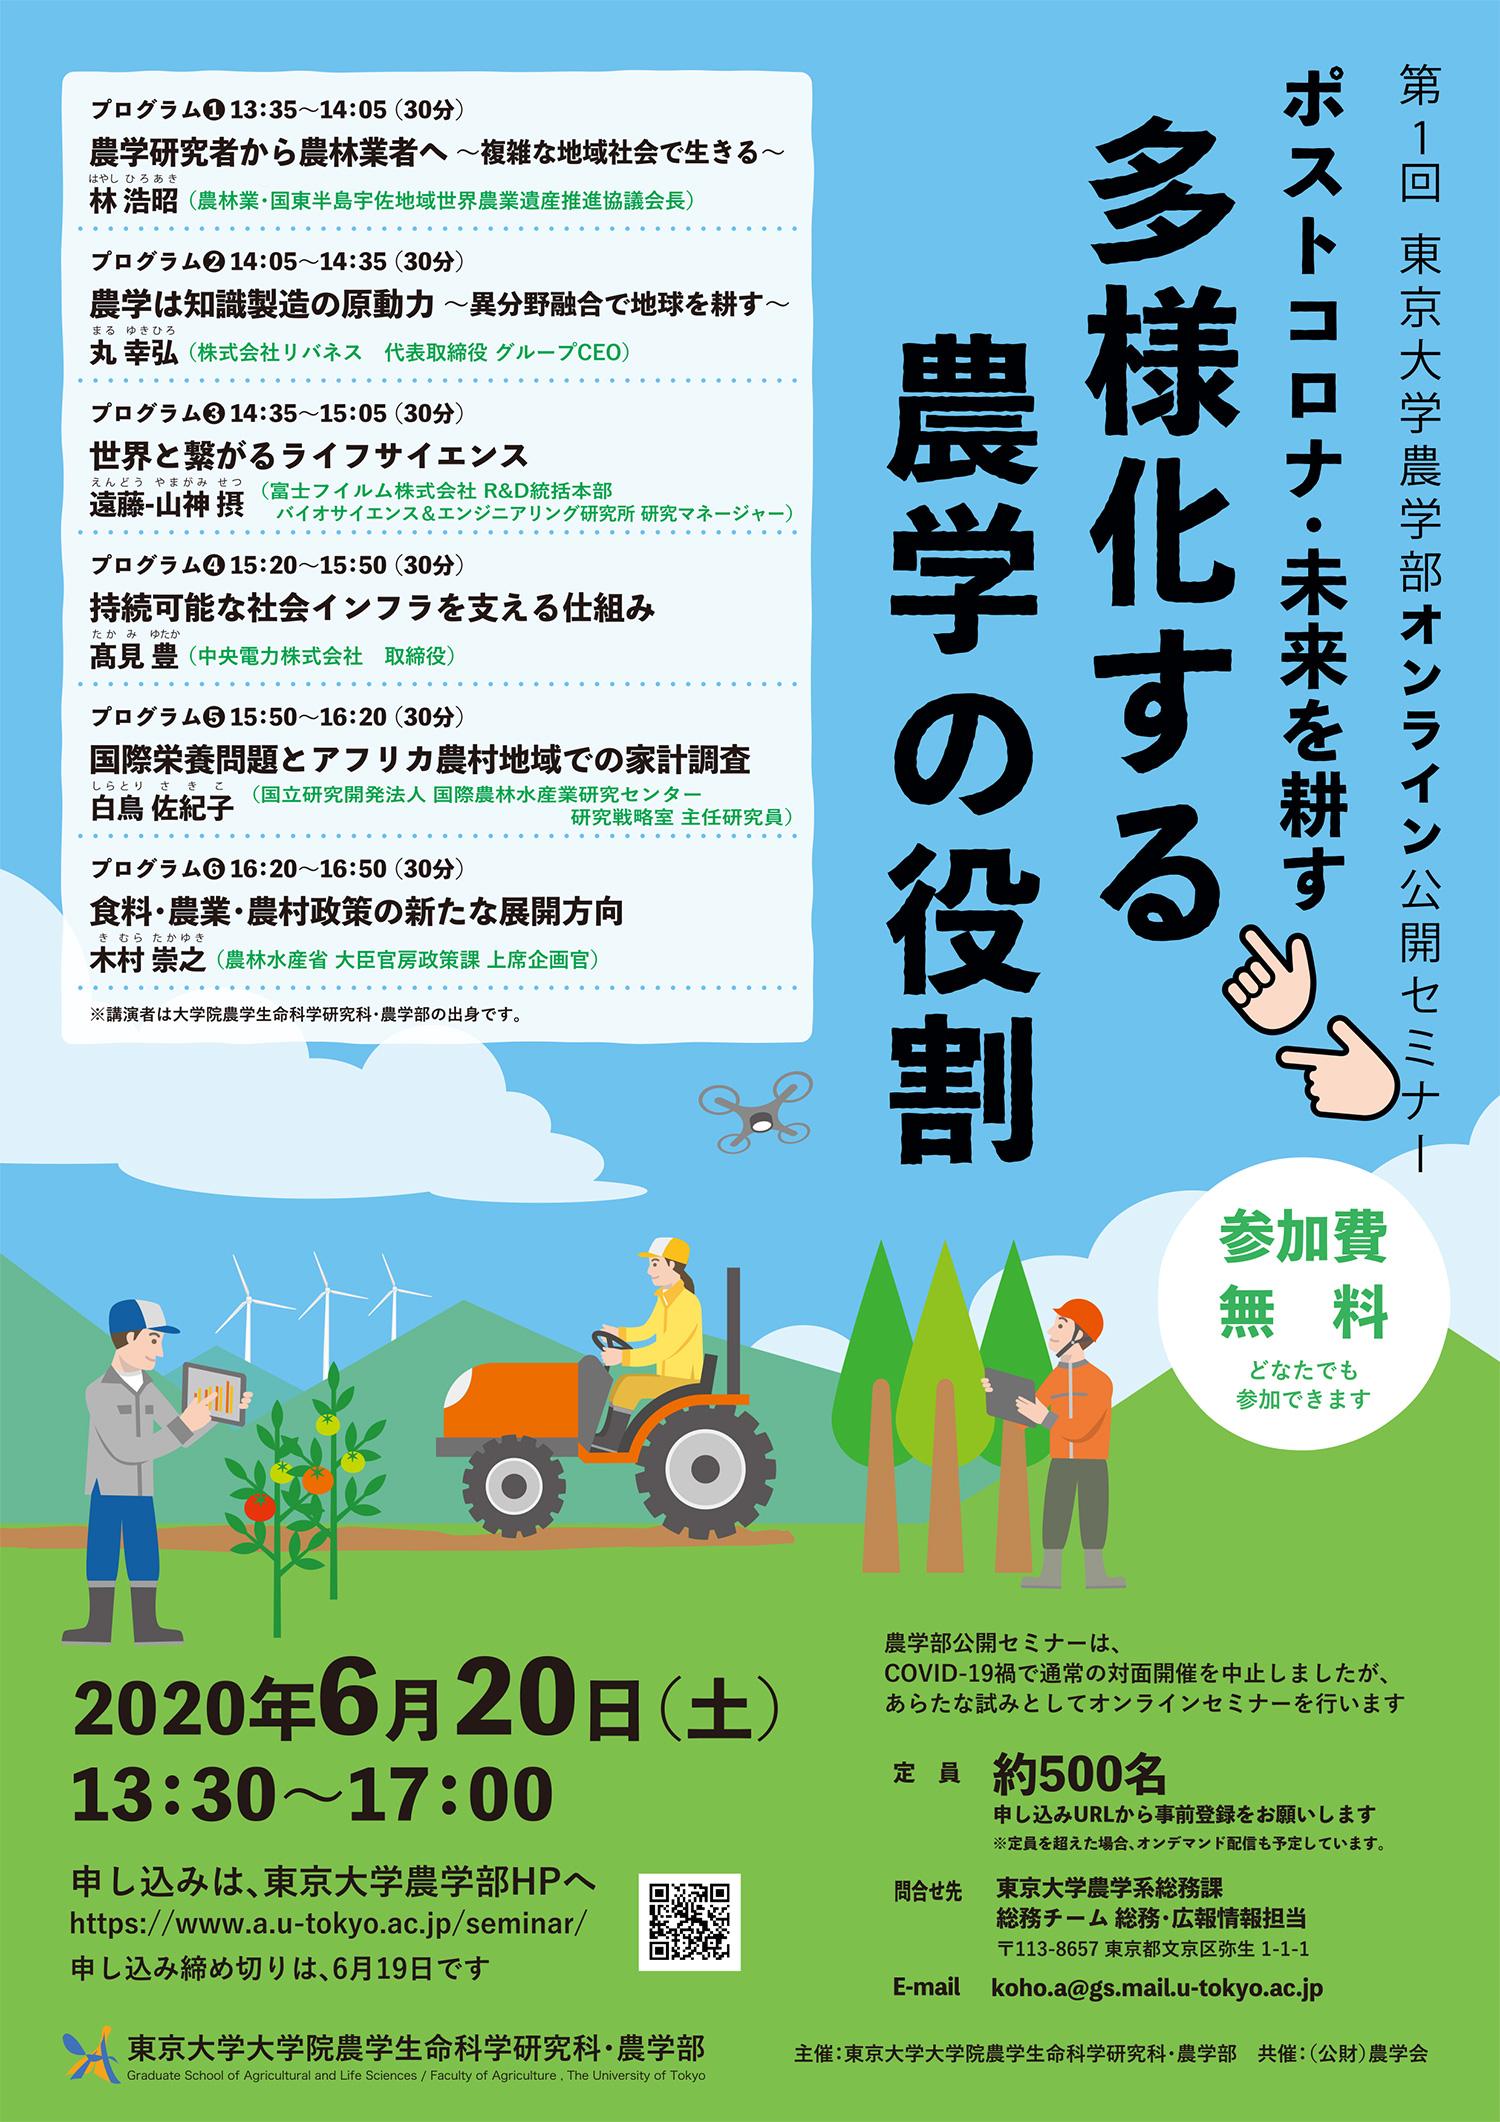 農学部公開セミナー ポスター